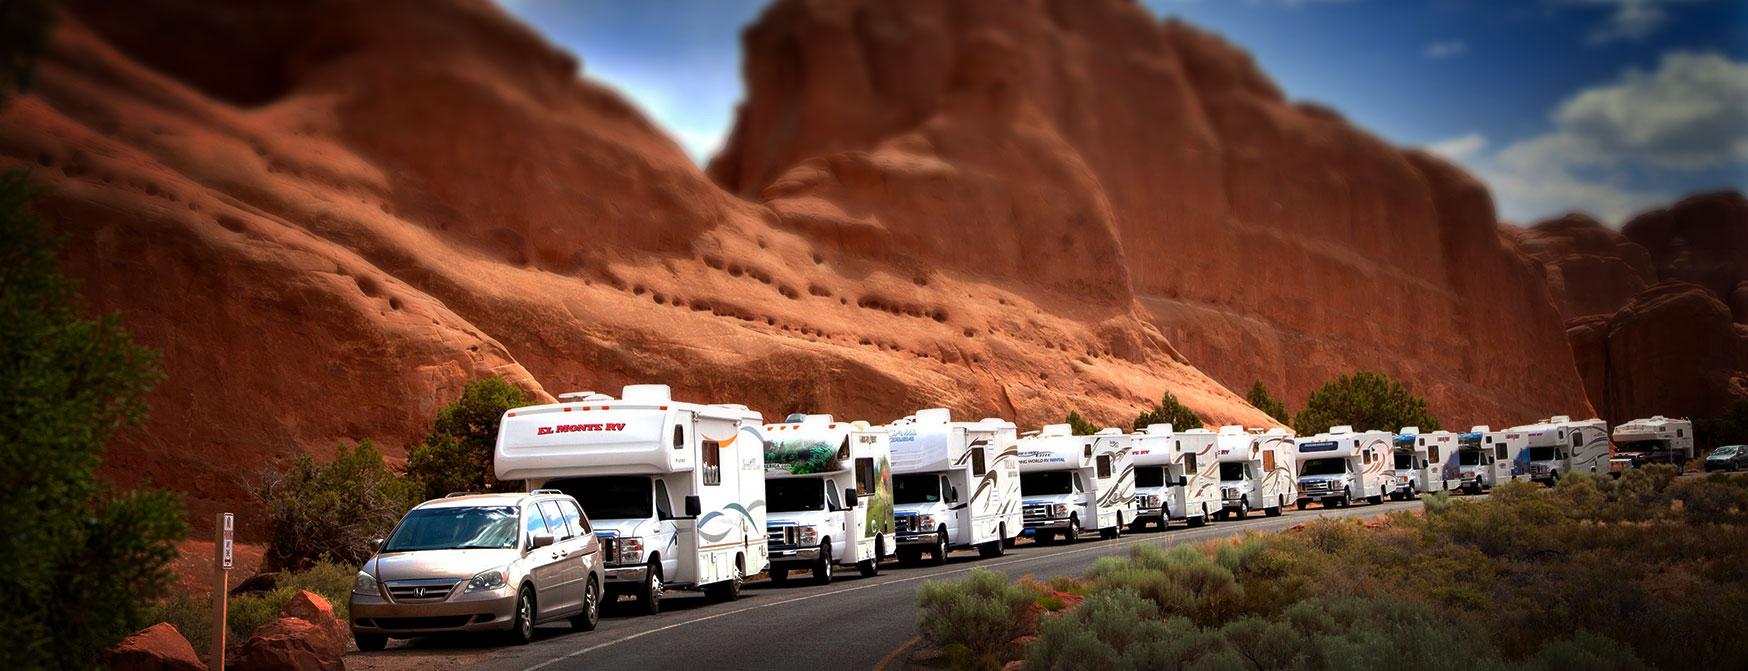 Faut-il réserver les terrains de camping avant de partir?